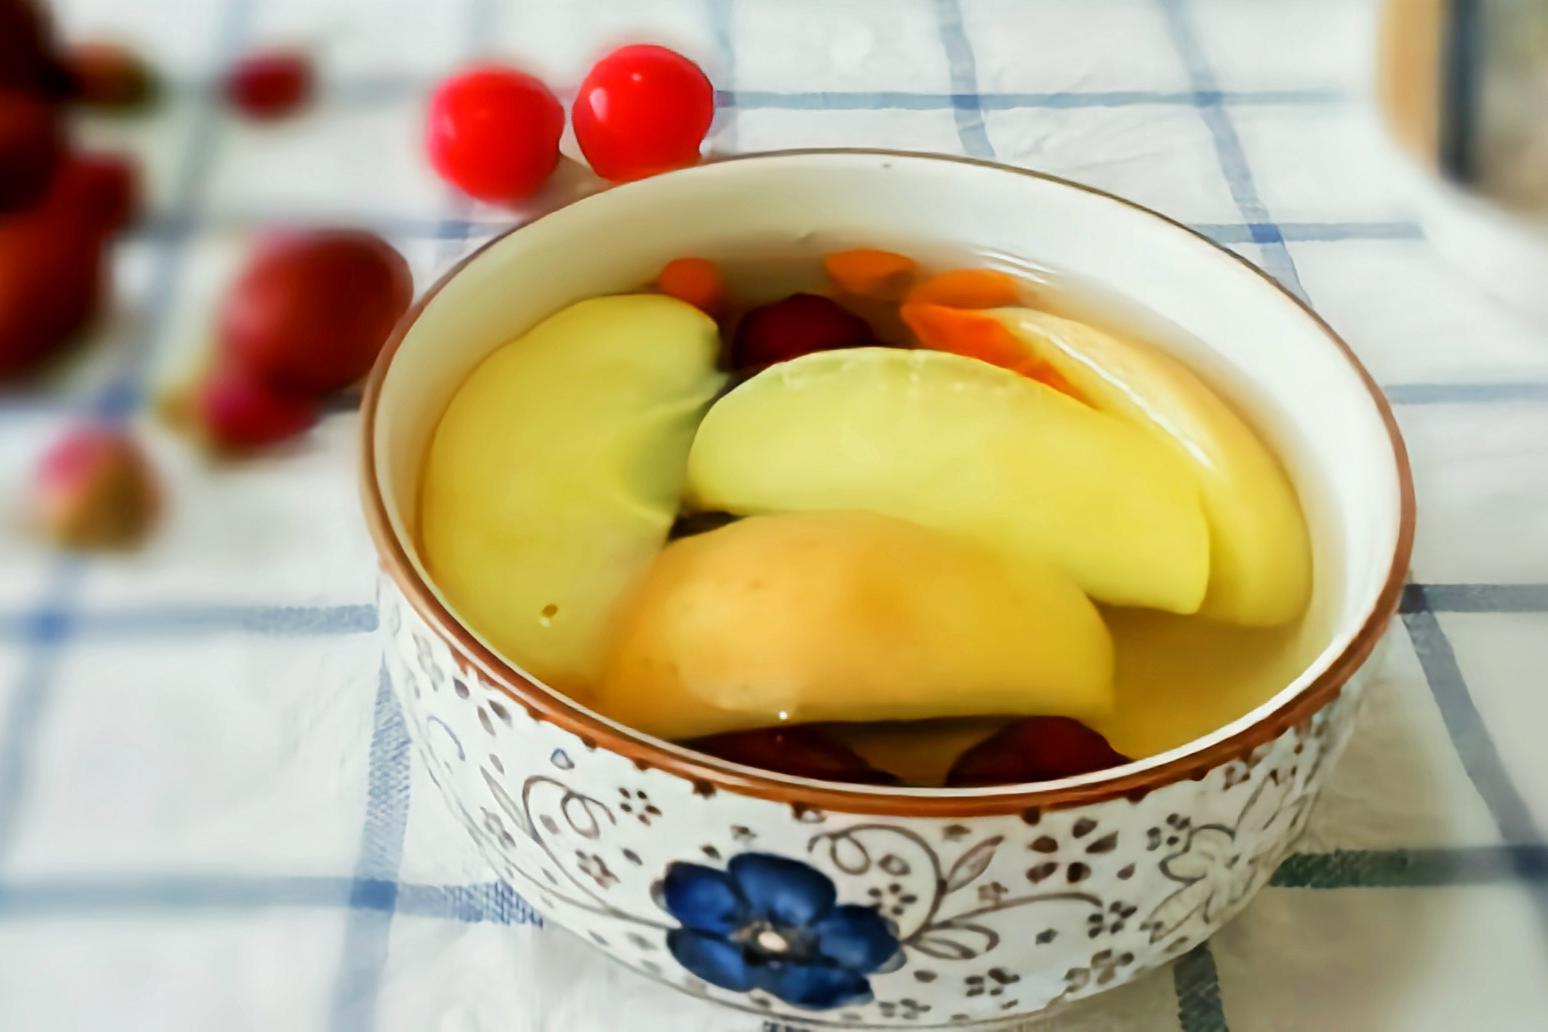 香甜的苹果红枣汤,营养美味,冬天来一碗暖胃美滋滋